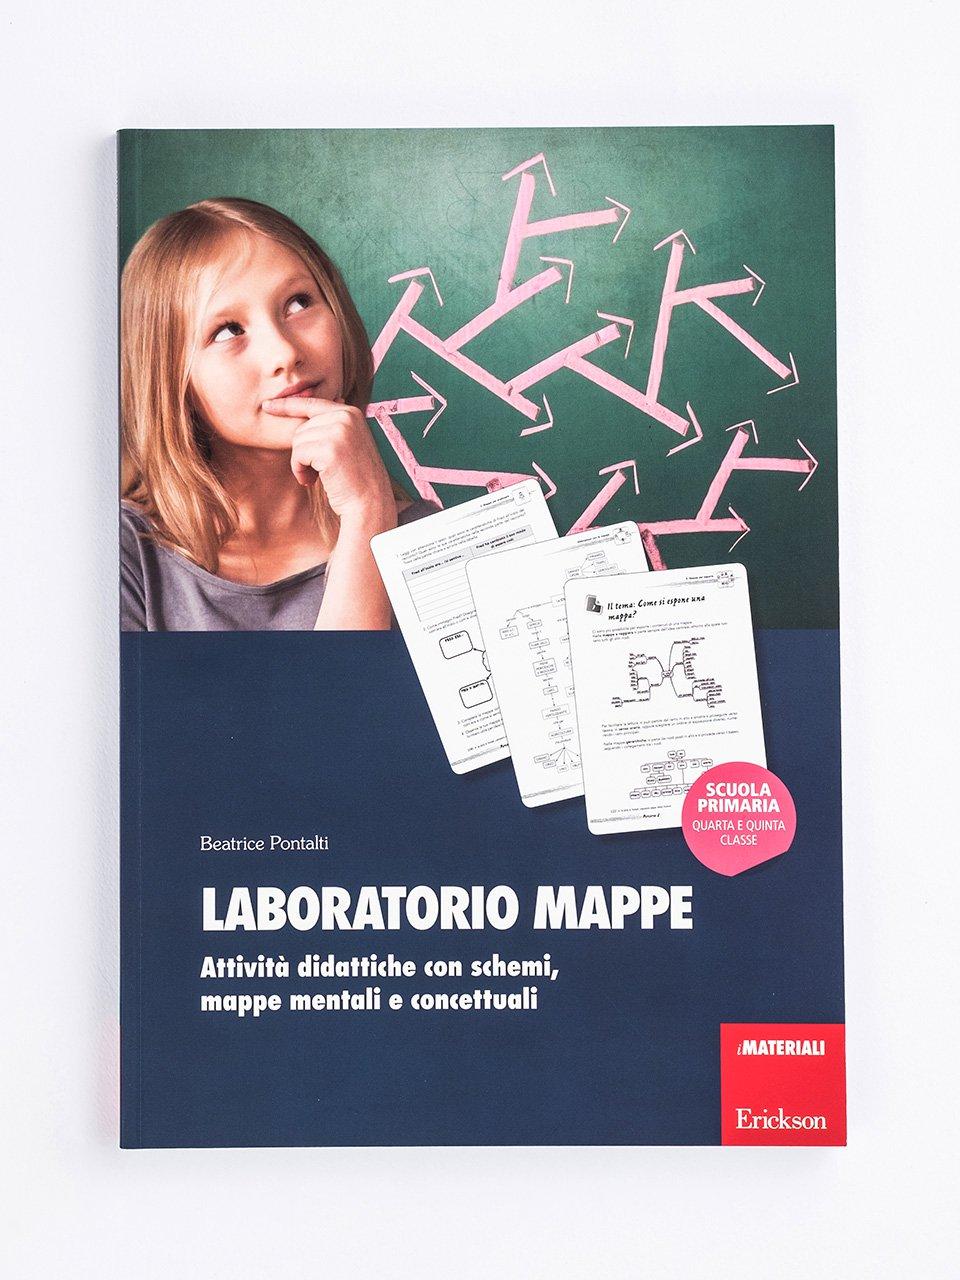 Laboratorio mappe - IperMAPPE 2 - App e software - Erickson